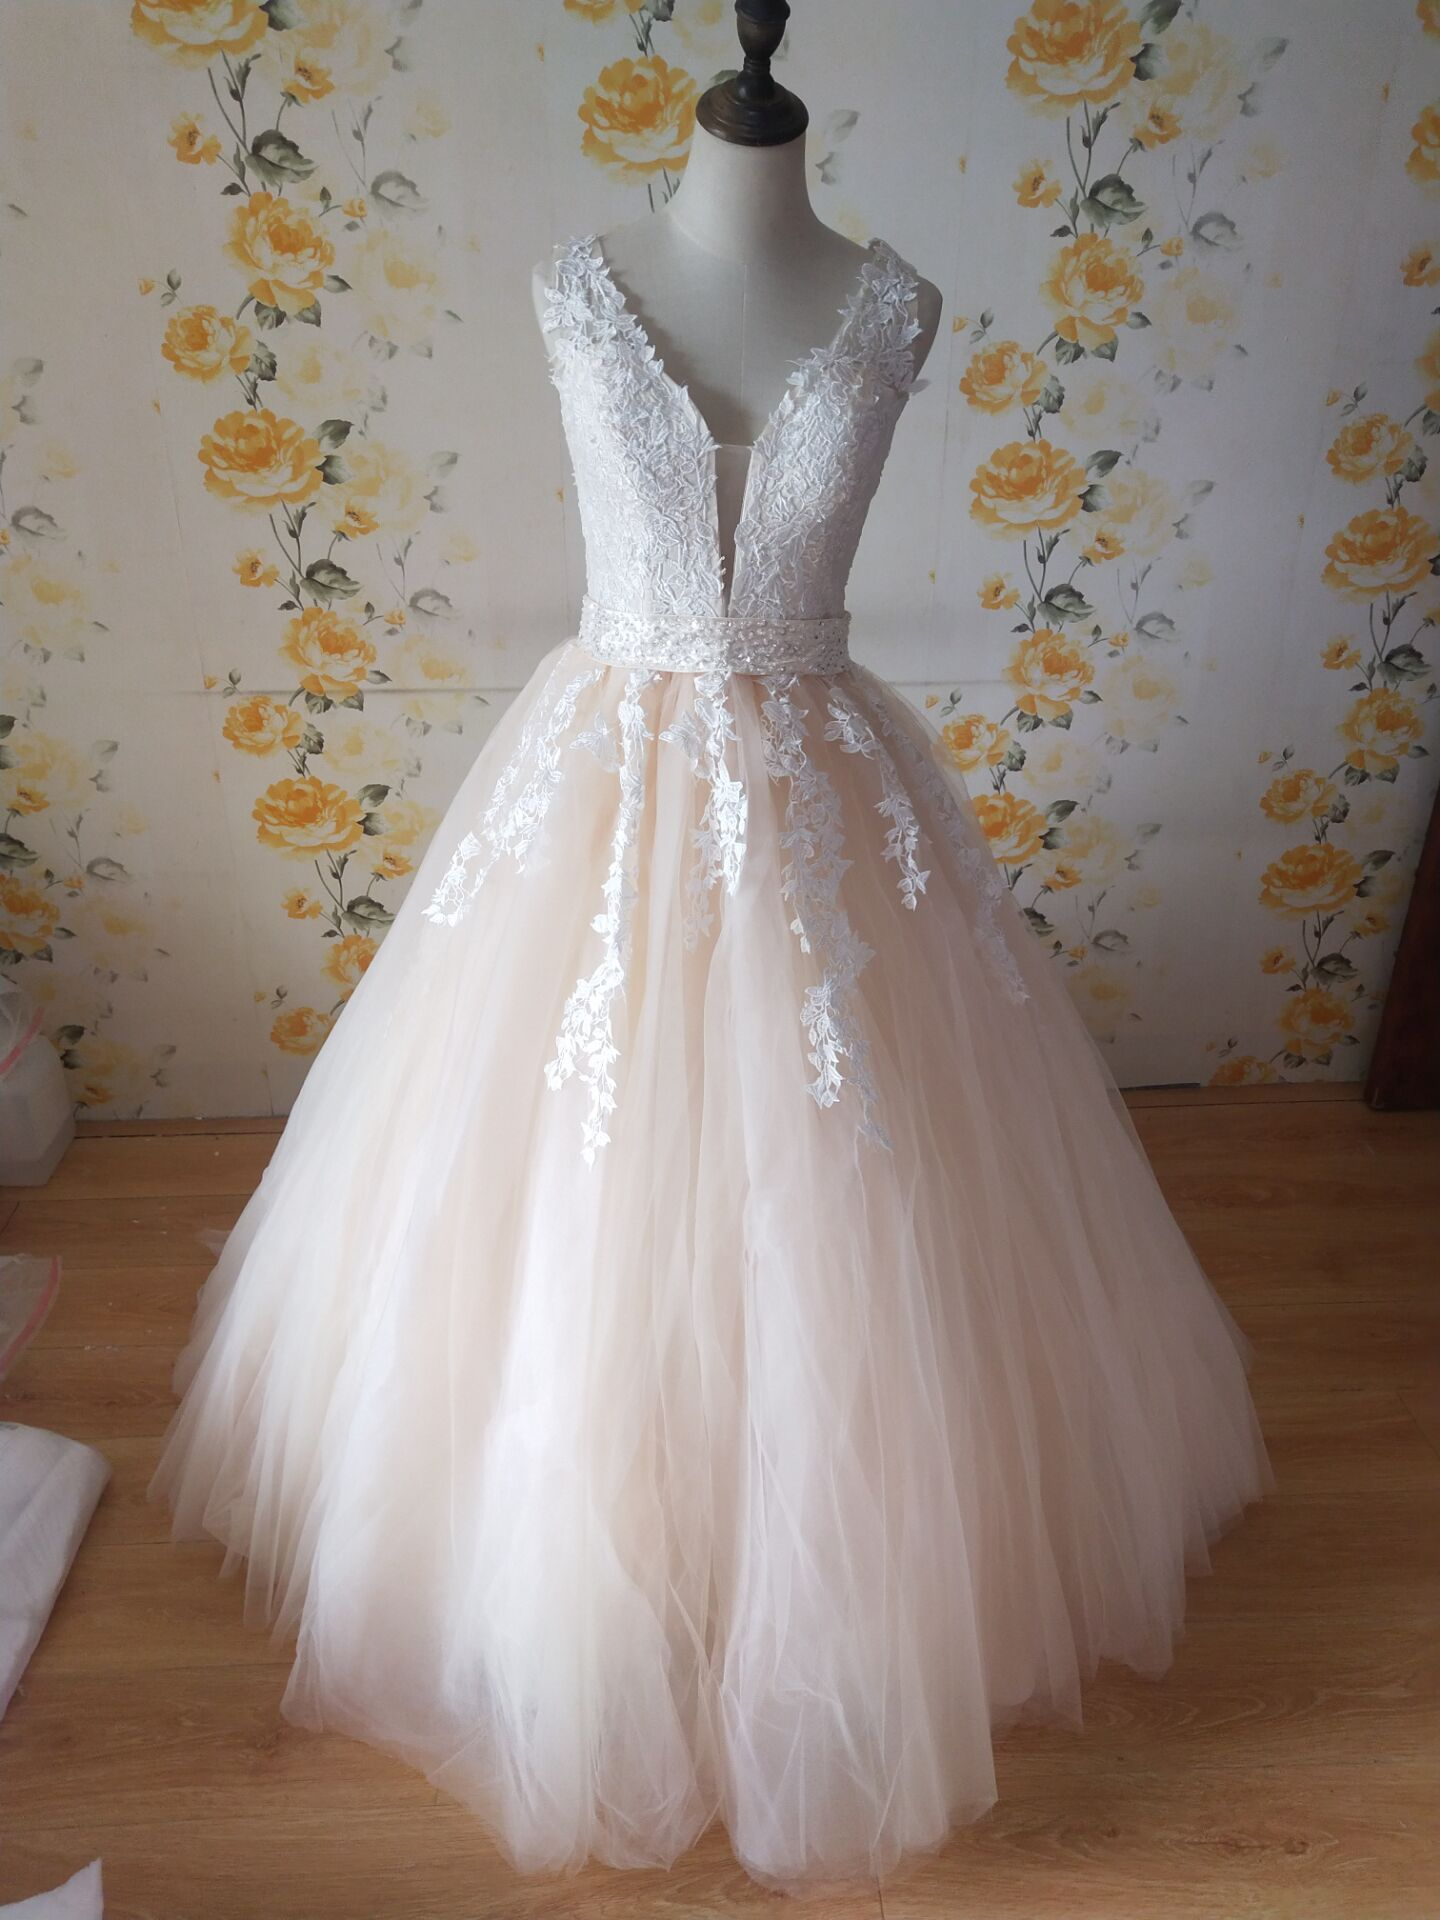 ZJ9149 2019 белое свадебное платье цвета слоновой кости на заказ размера плюс свадебное Тюлевое свадебное платье с глубоким v-образным вырезом и открытой спиной